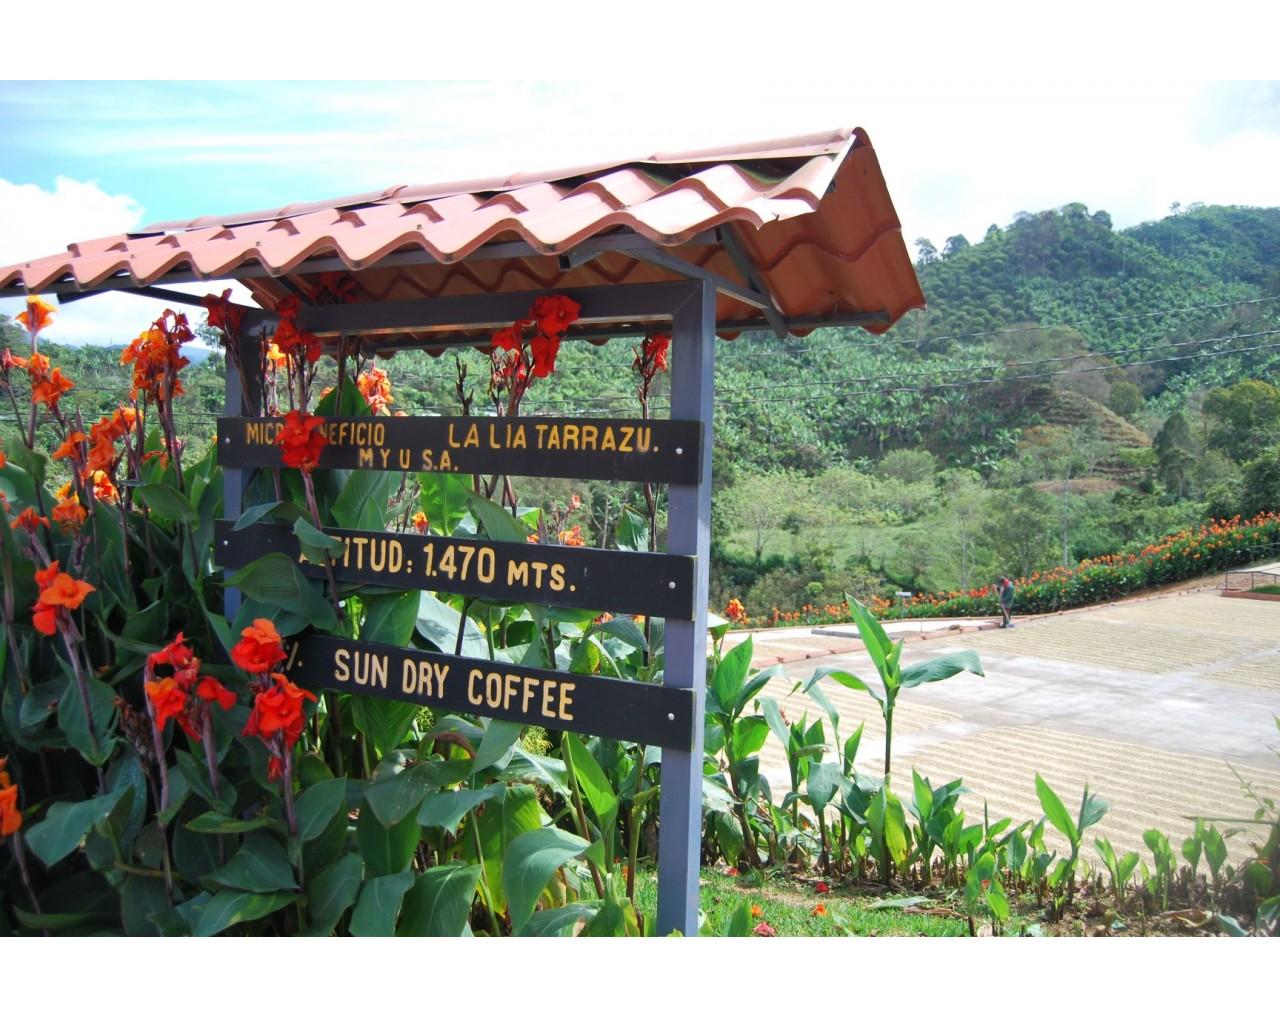 La Lia micromill - Costa Rica